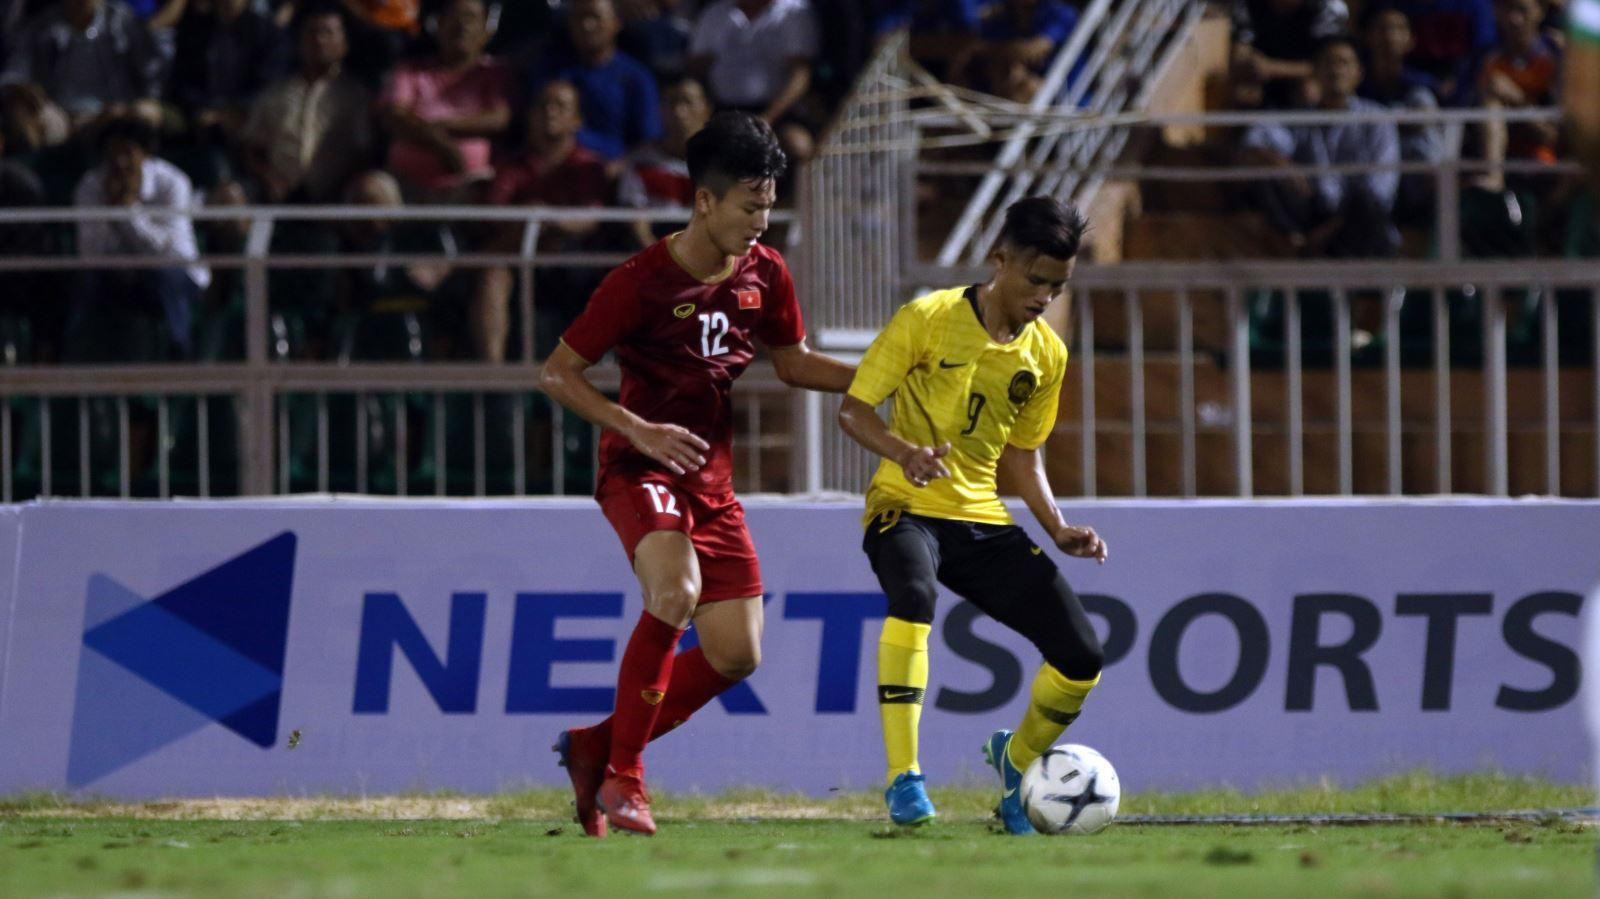 trực tiếp bóng đá, soi kèo bóng đá, U18 Đông Nam Á, truc tiep bong da, Malaysia vs Singapore, truc tiep bong da hôm nay, VTV6, xem bóng đá trực tuyến, bóng đá tv